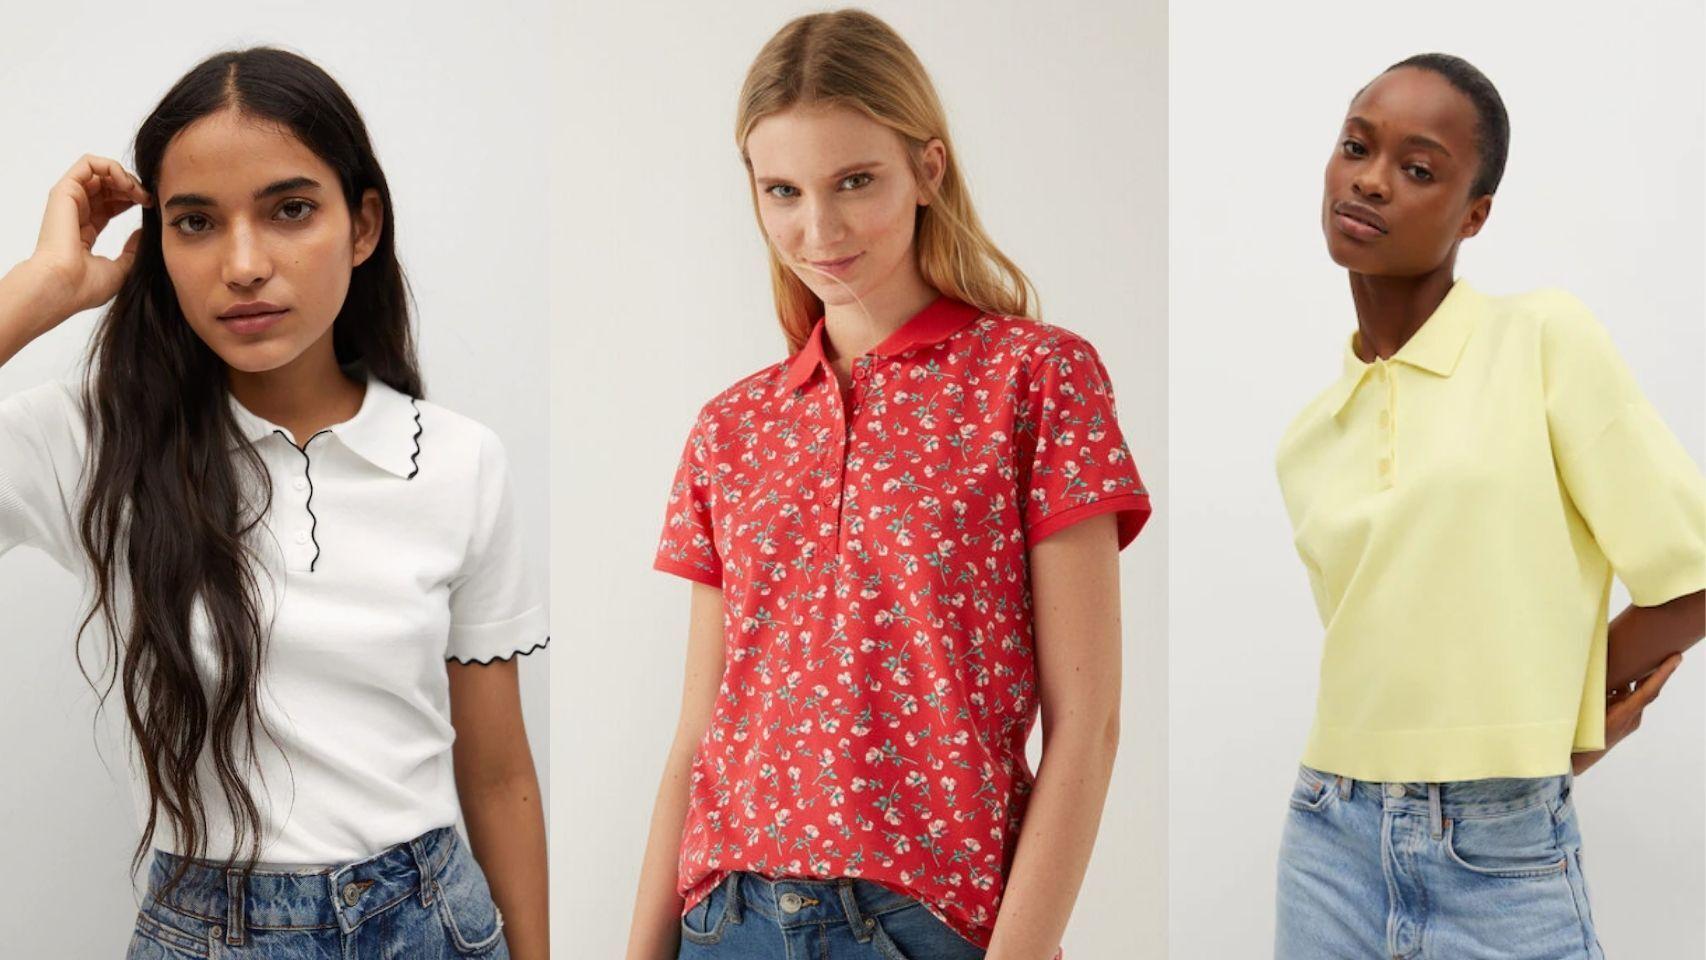 El polo, la prenda más 'unisex' del armario, reinventa todos tus 'looks'.